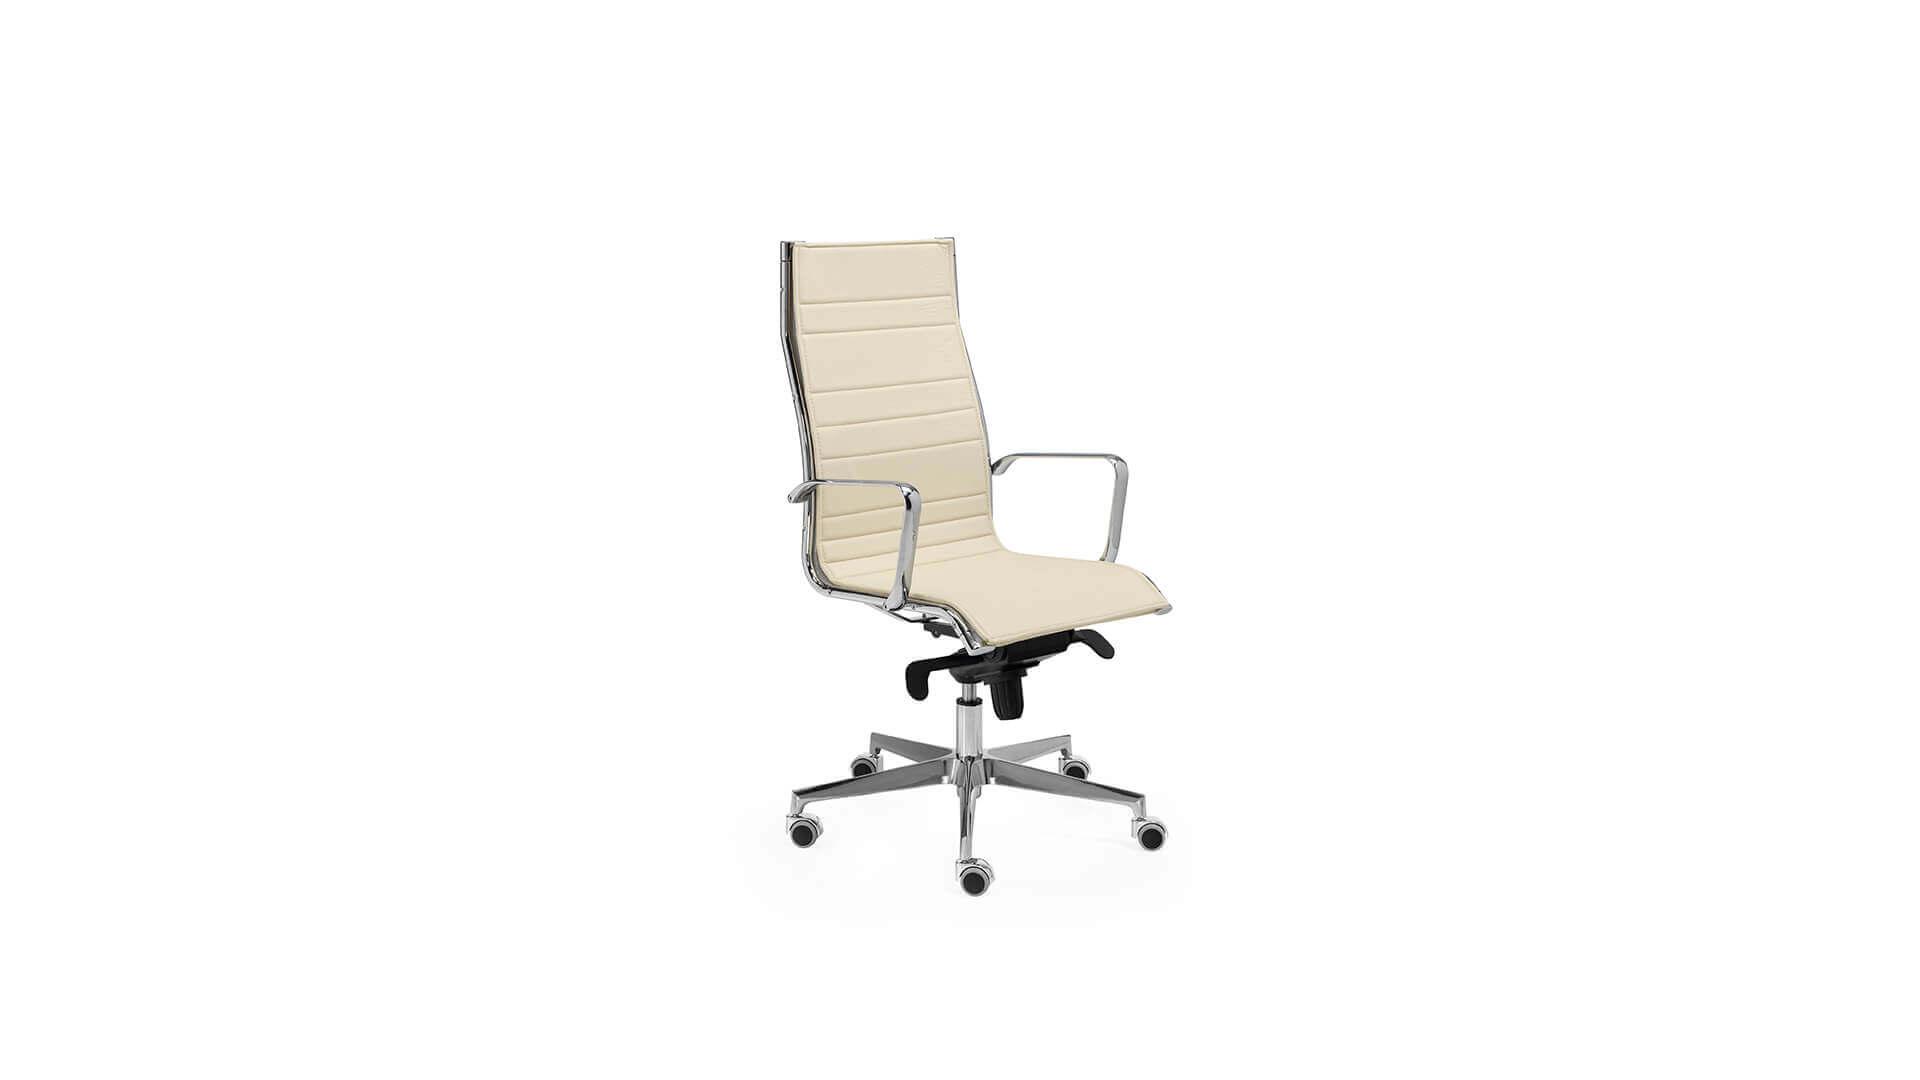 Silla dirección Acer+ beige ergonomica